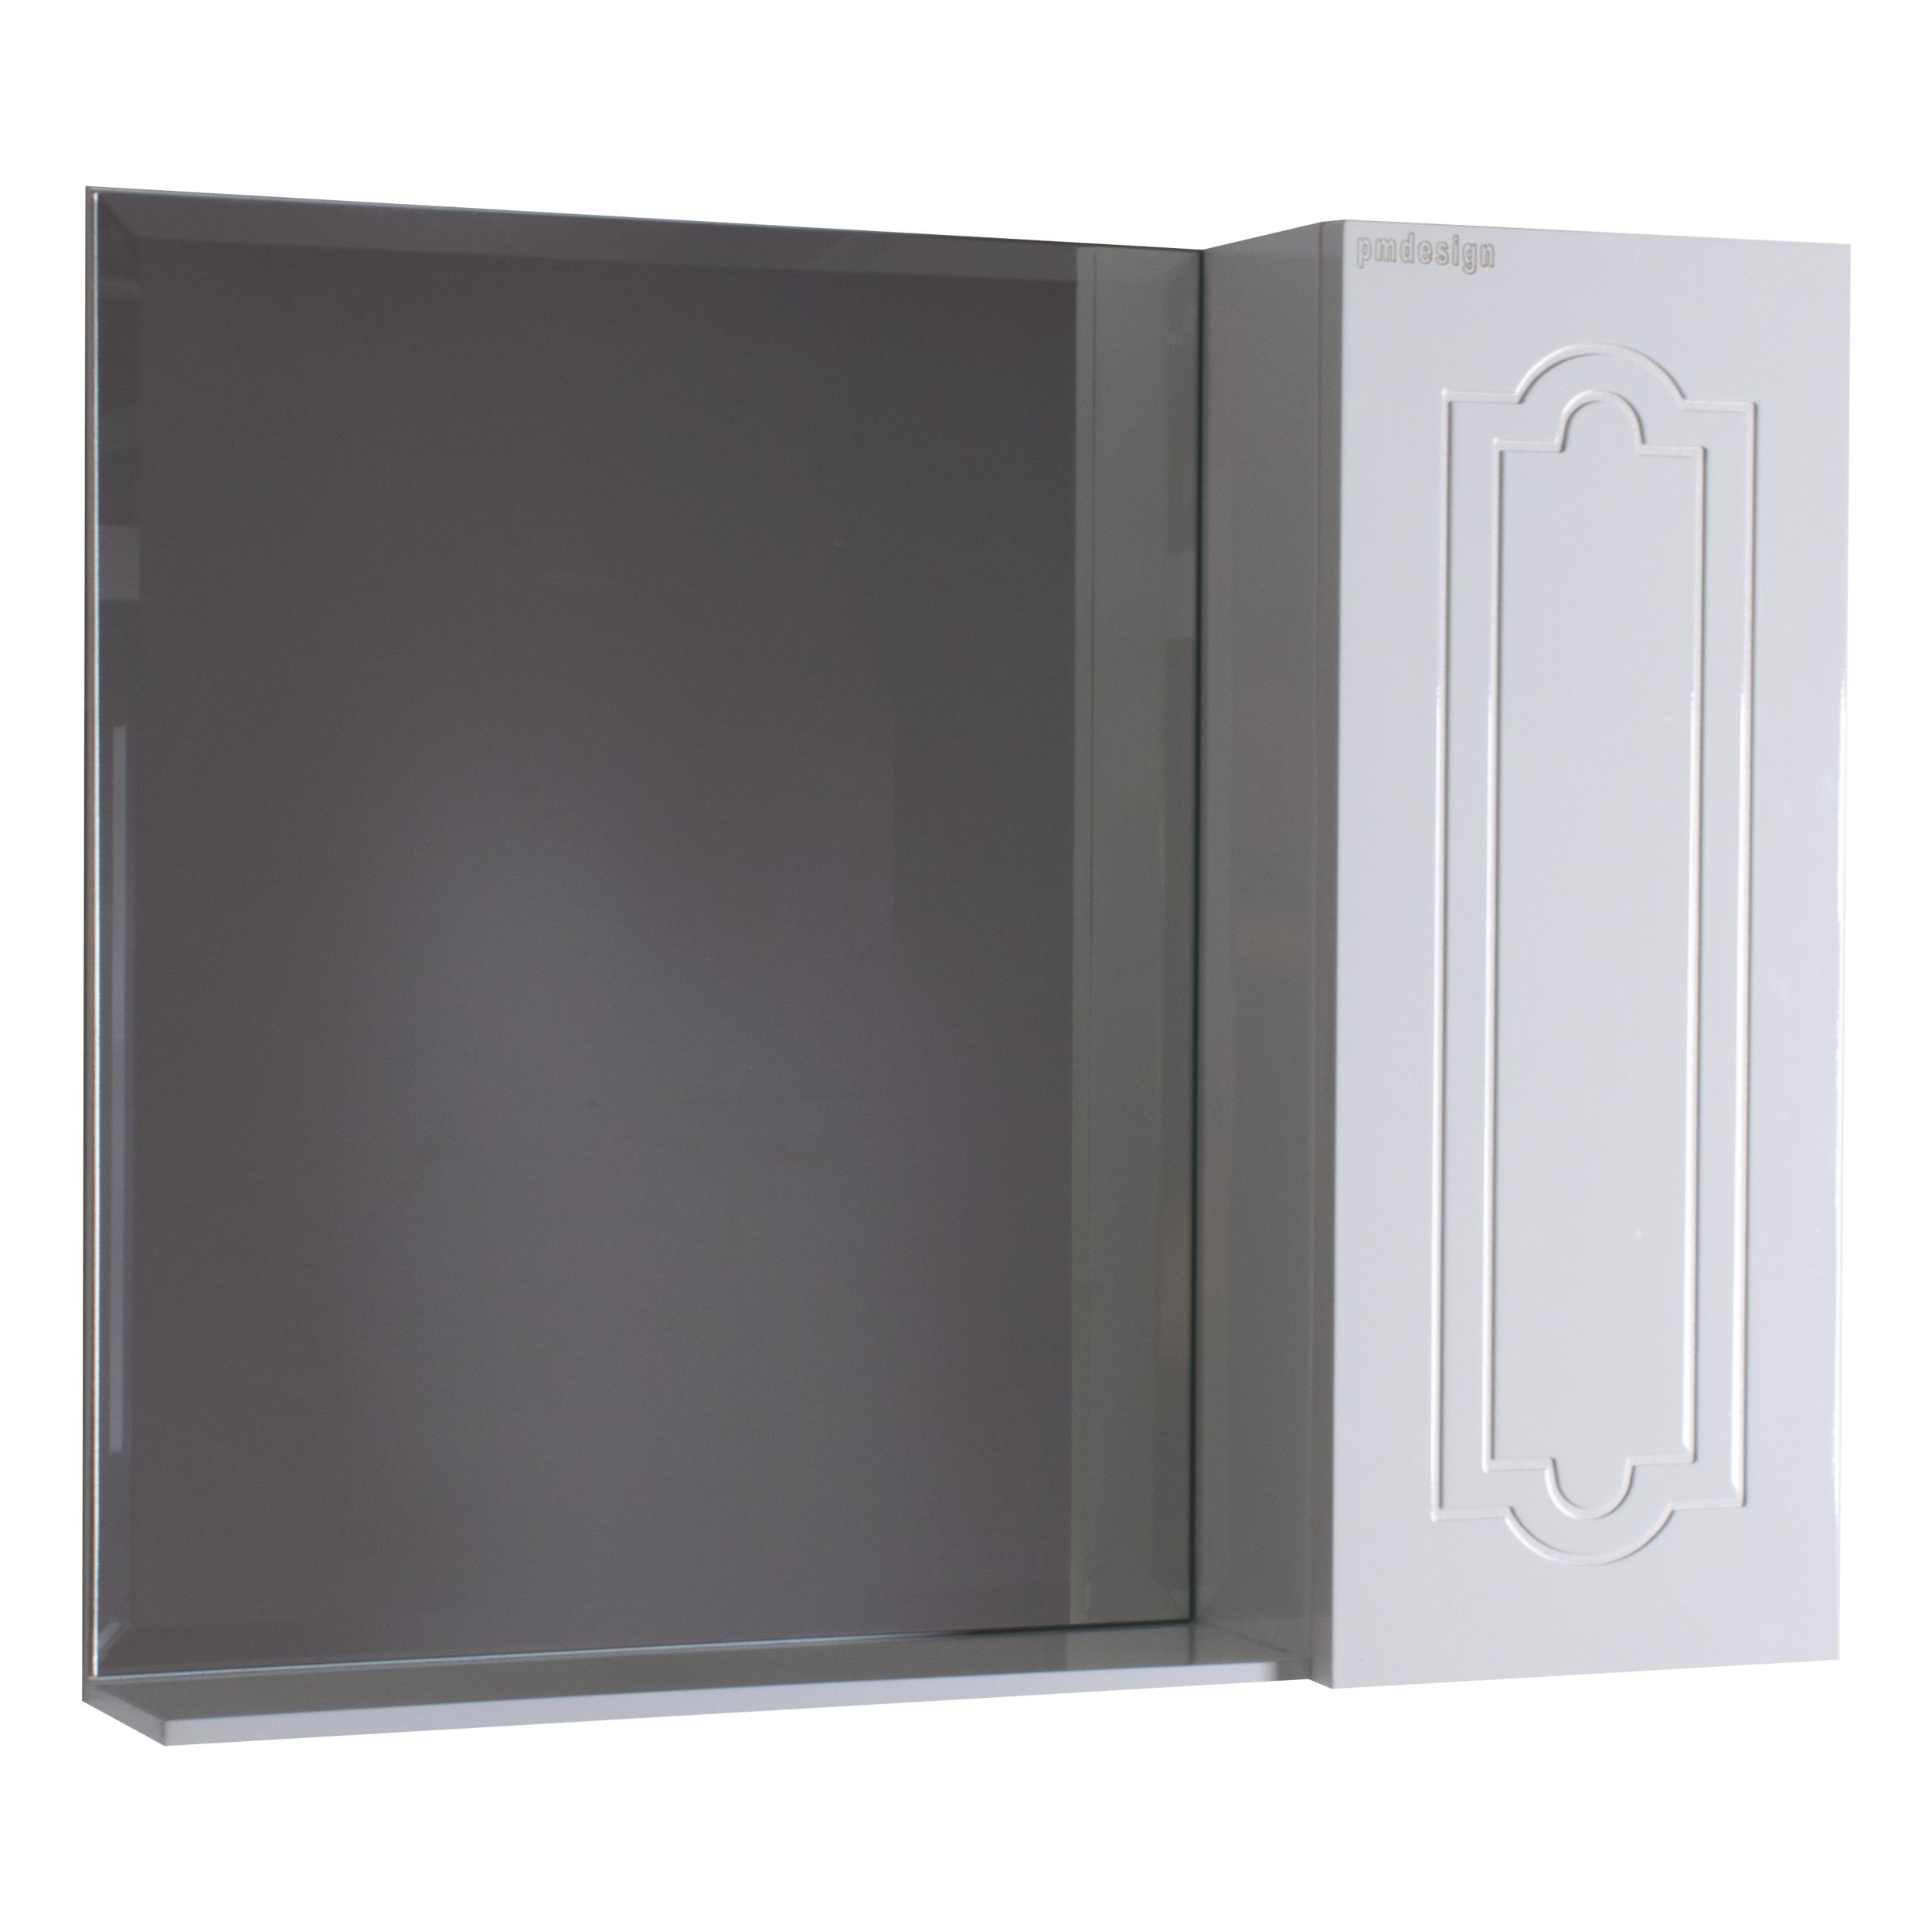 ست آینه و باکس پی ام دیزاین کد 900